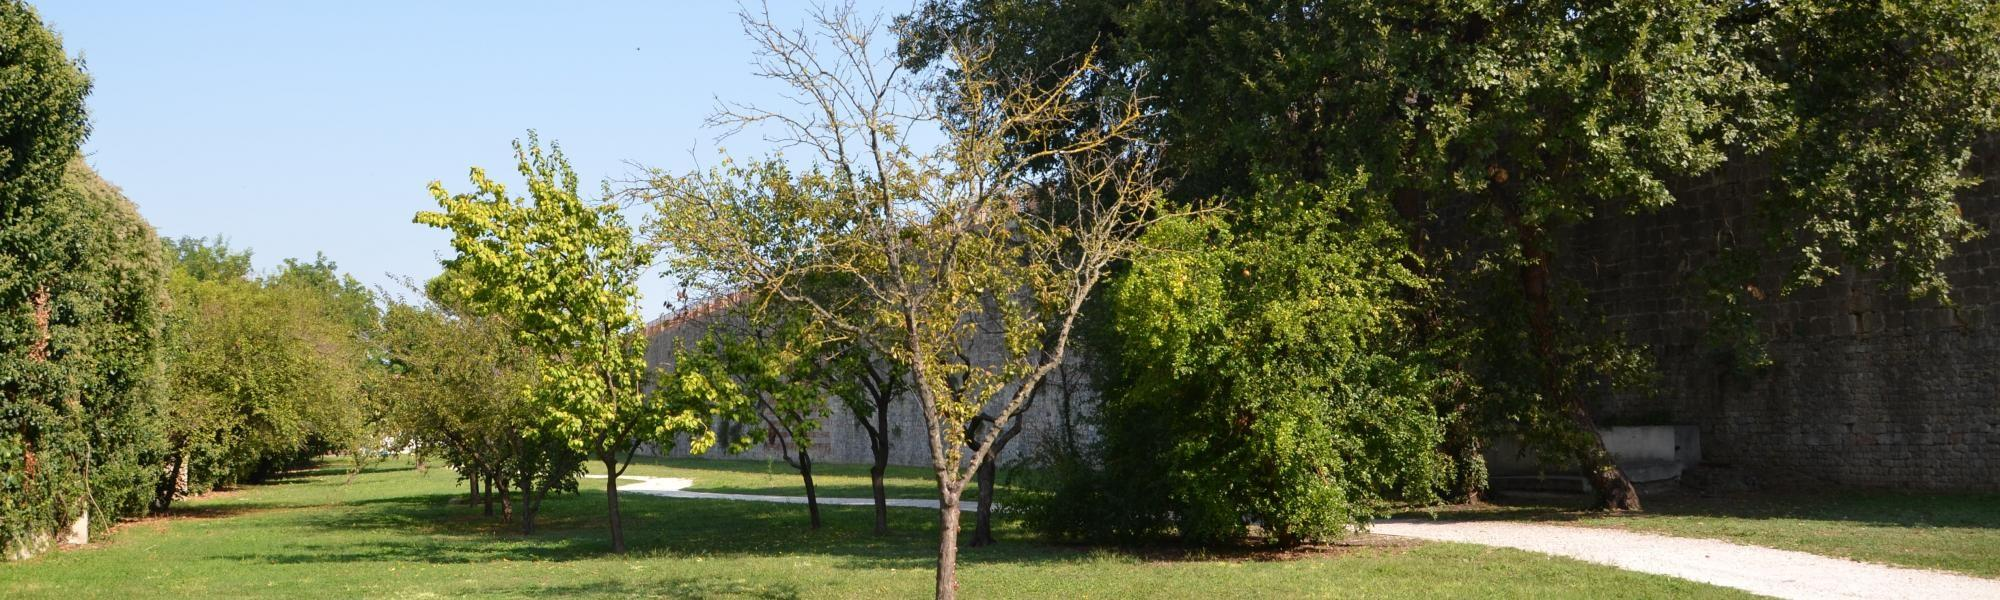 Bastione del Barbagianni e parco delle Concette (L. Corevi, Comune di Pisa)